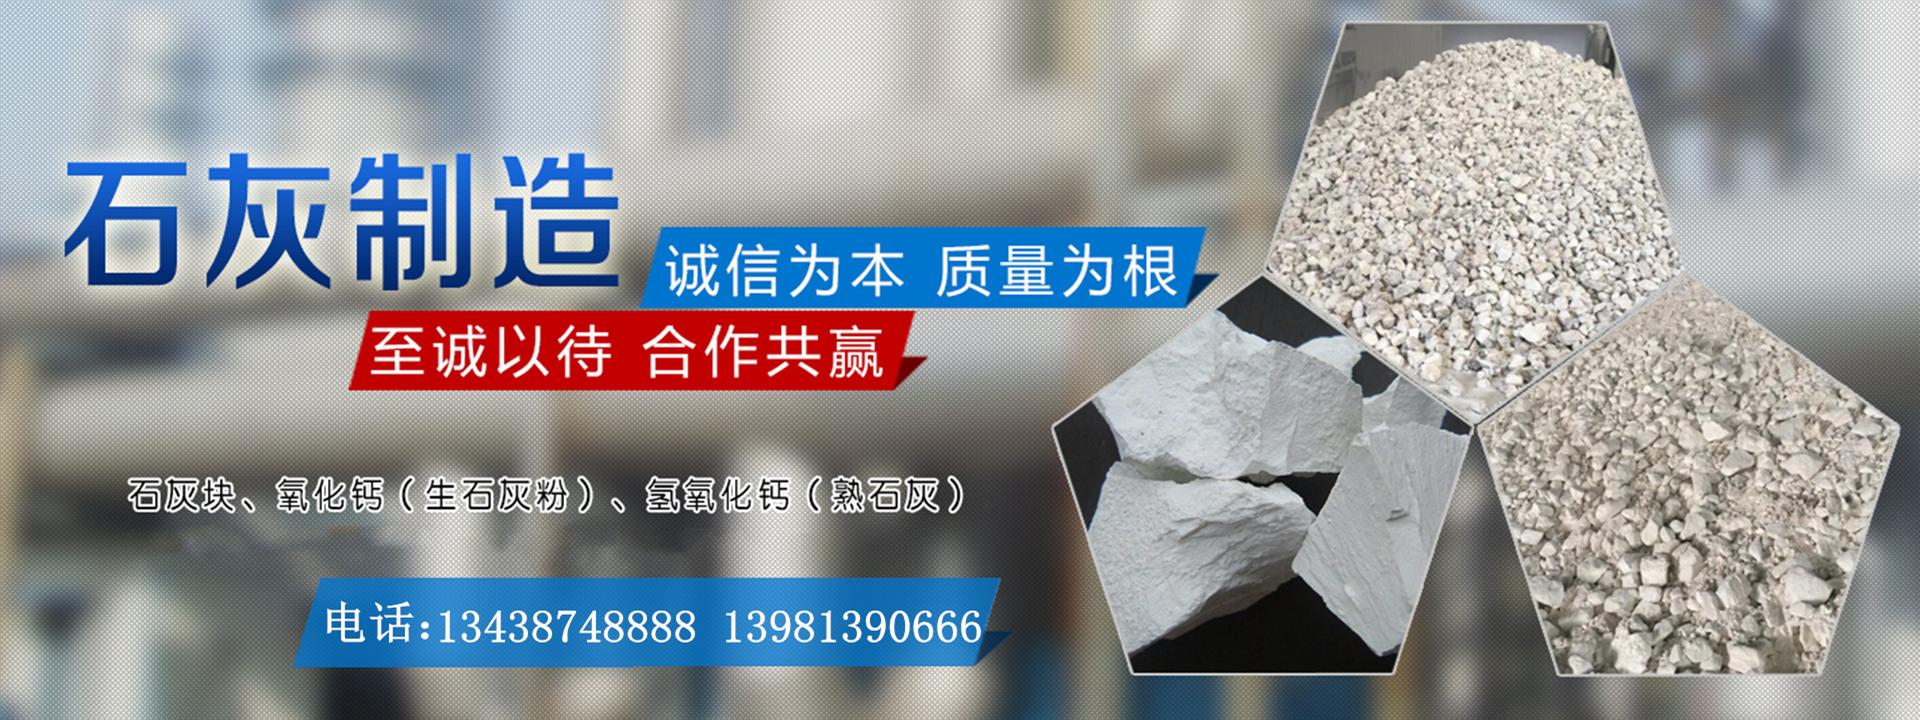 四川夹江玖顺矿产品是一家专注生产加工的生万博manbetx官网电脑厂家